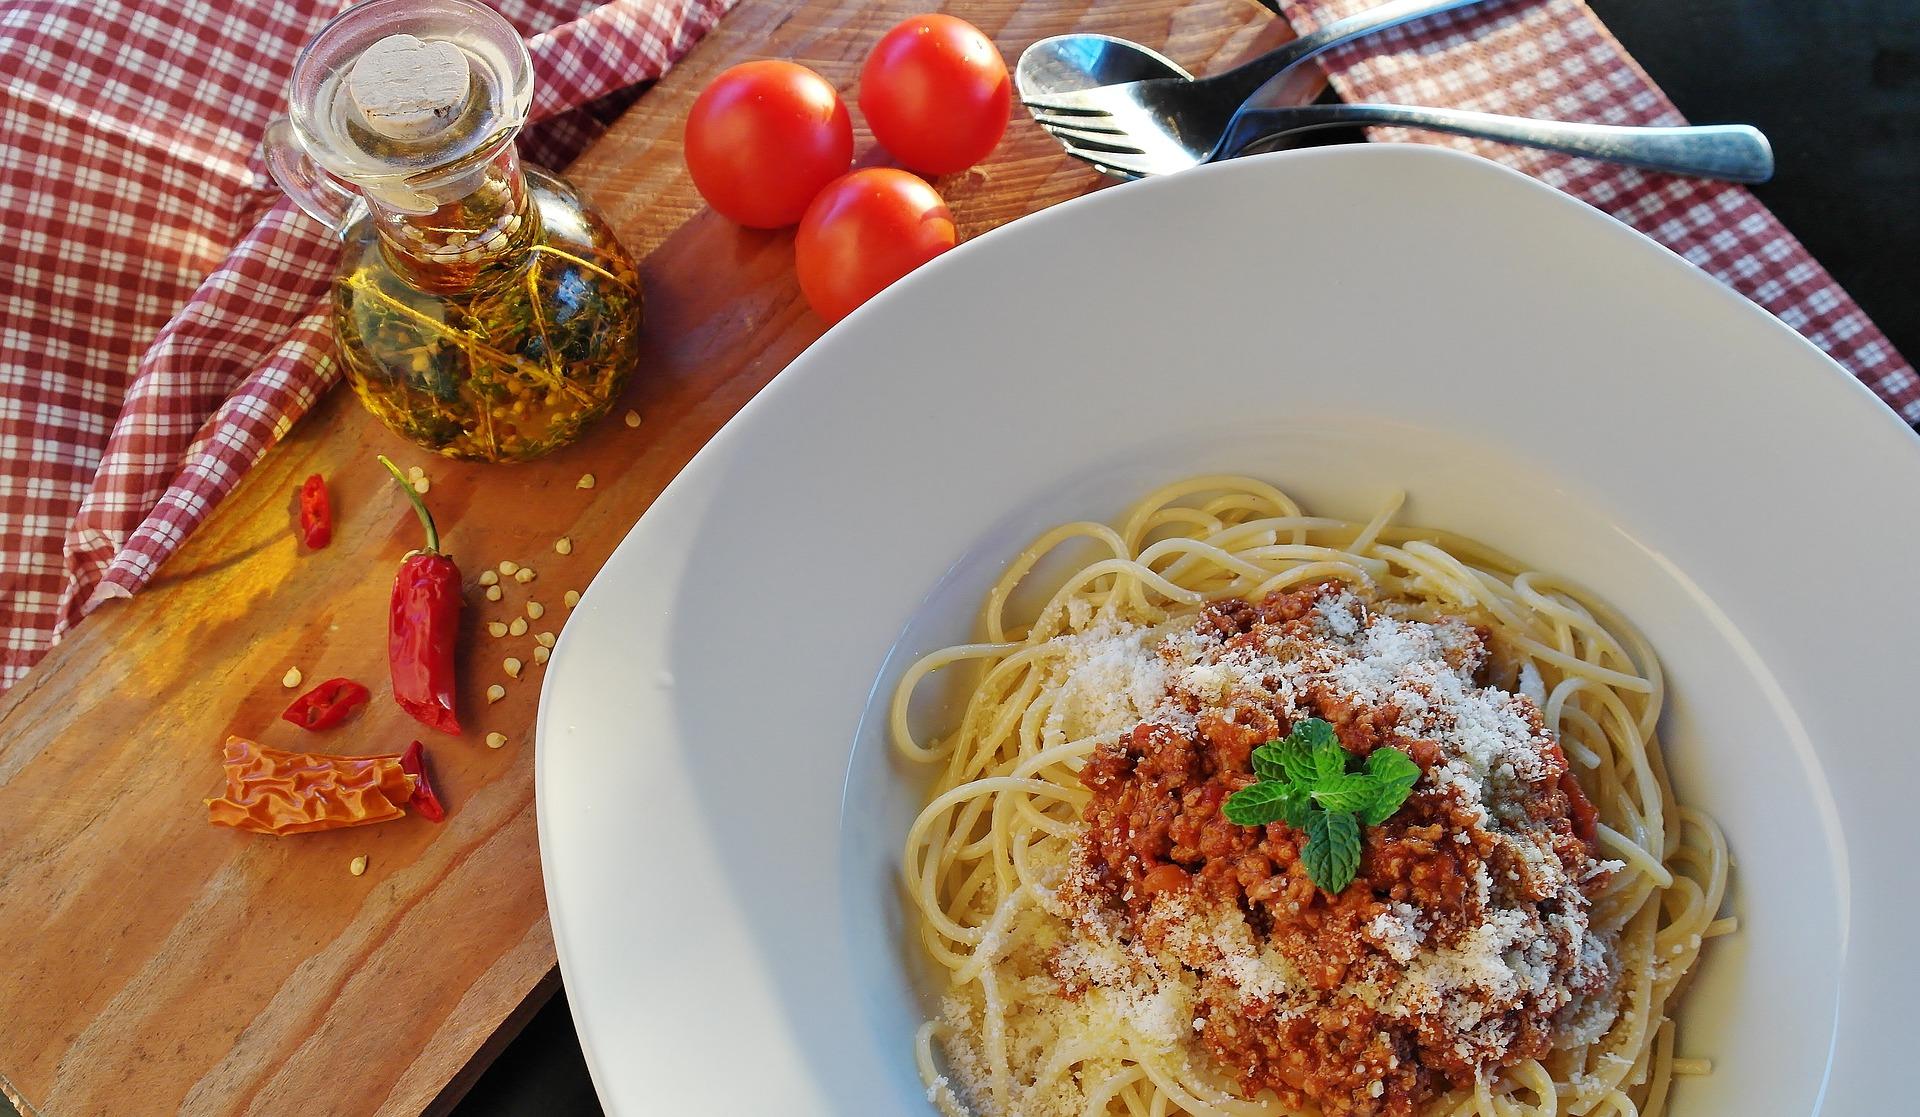 Italialainen ruoka: yksinkertaisuus on valttia